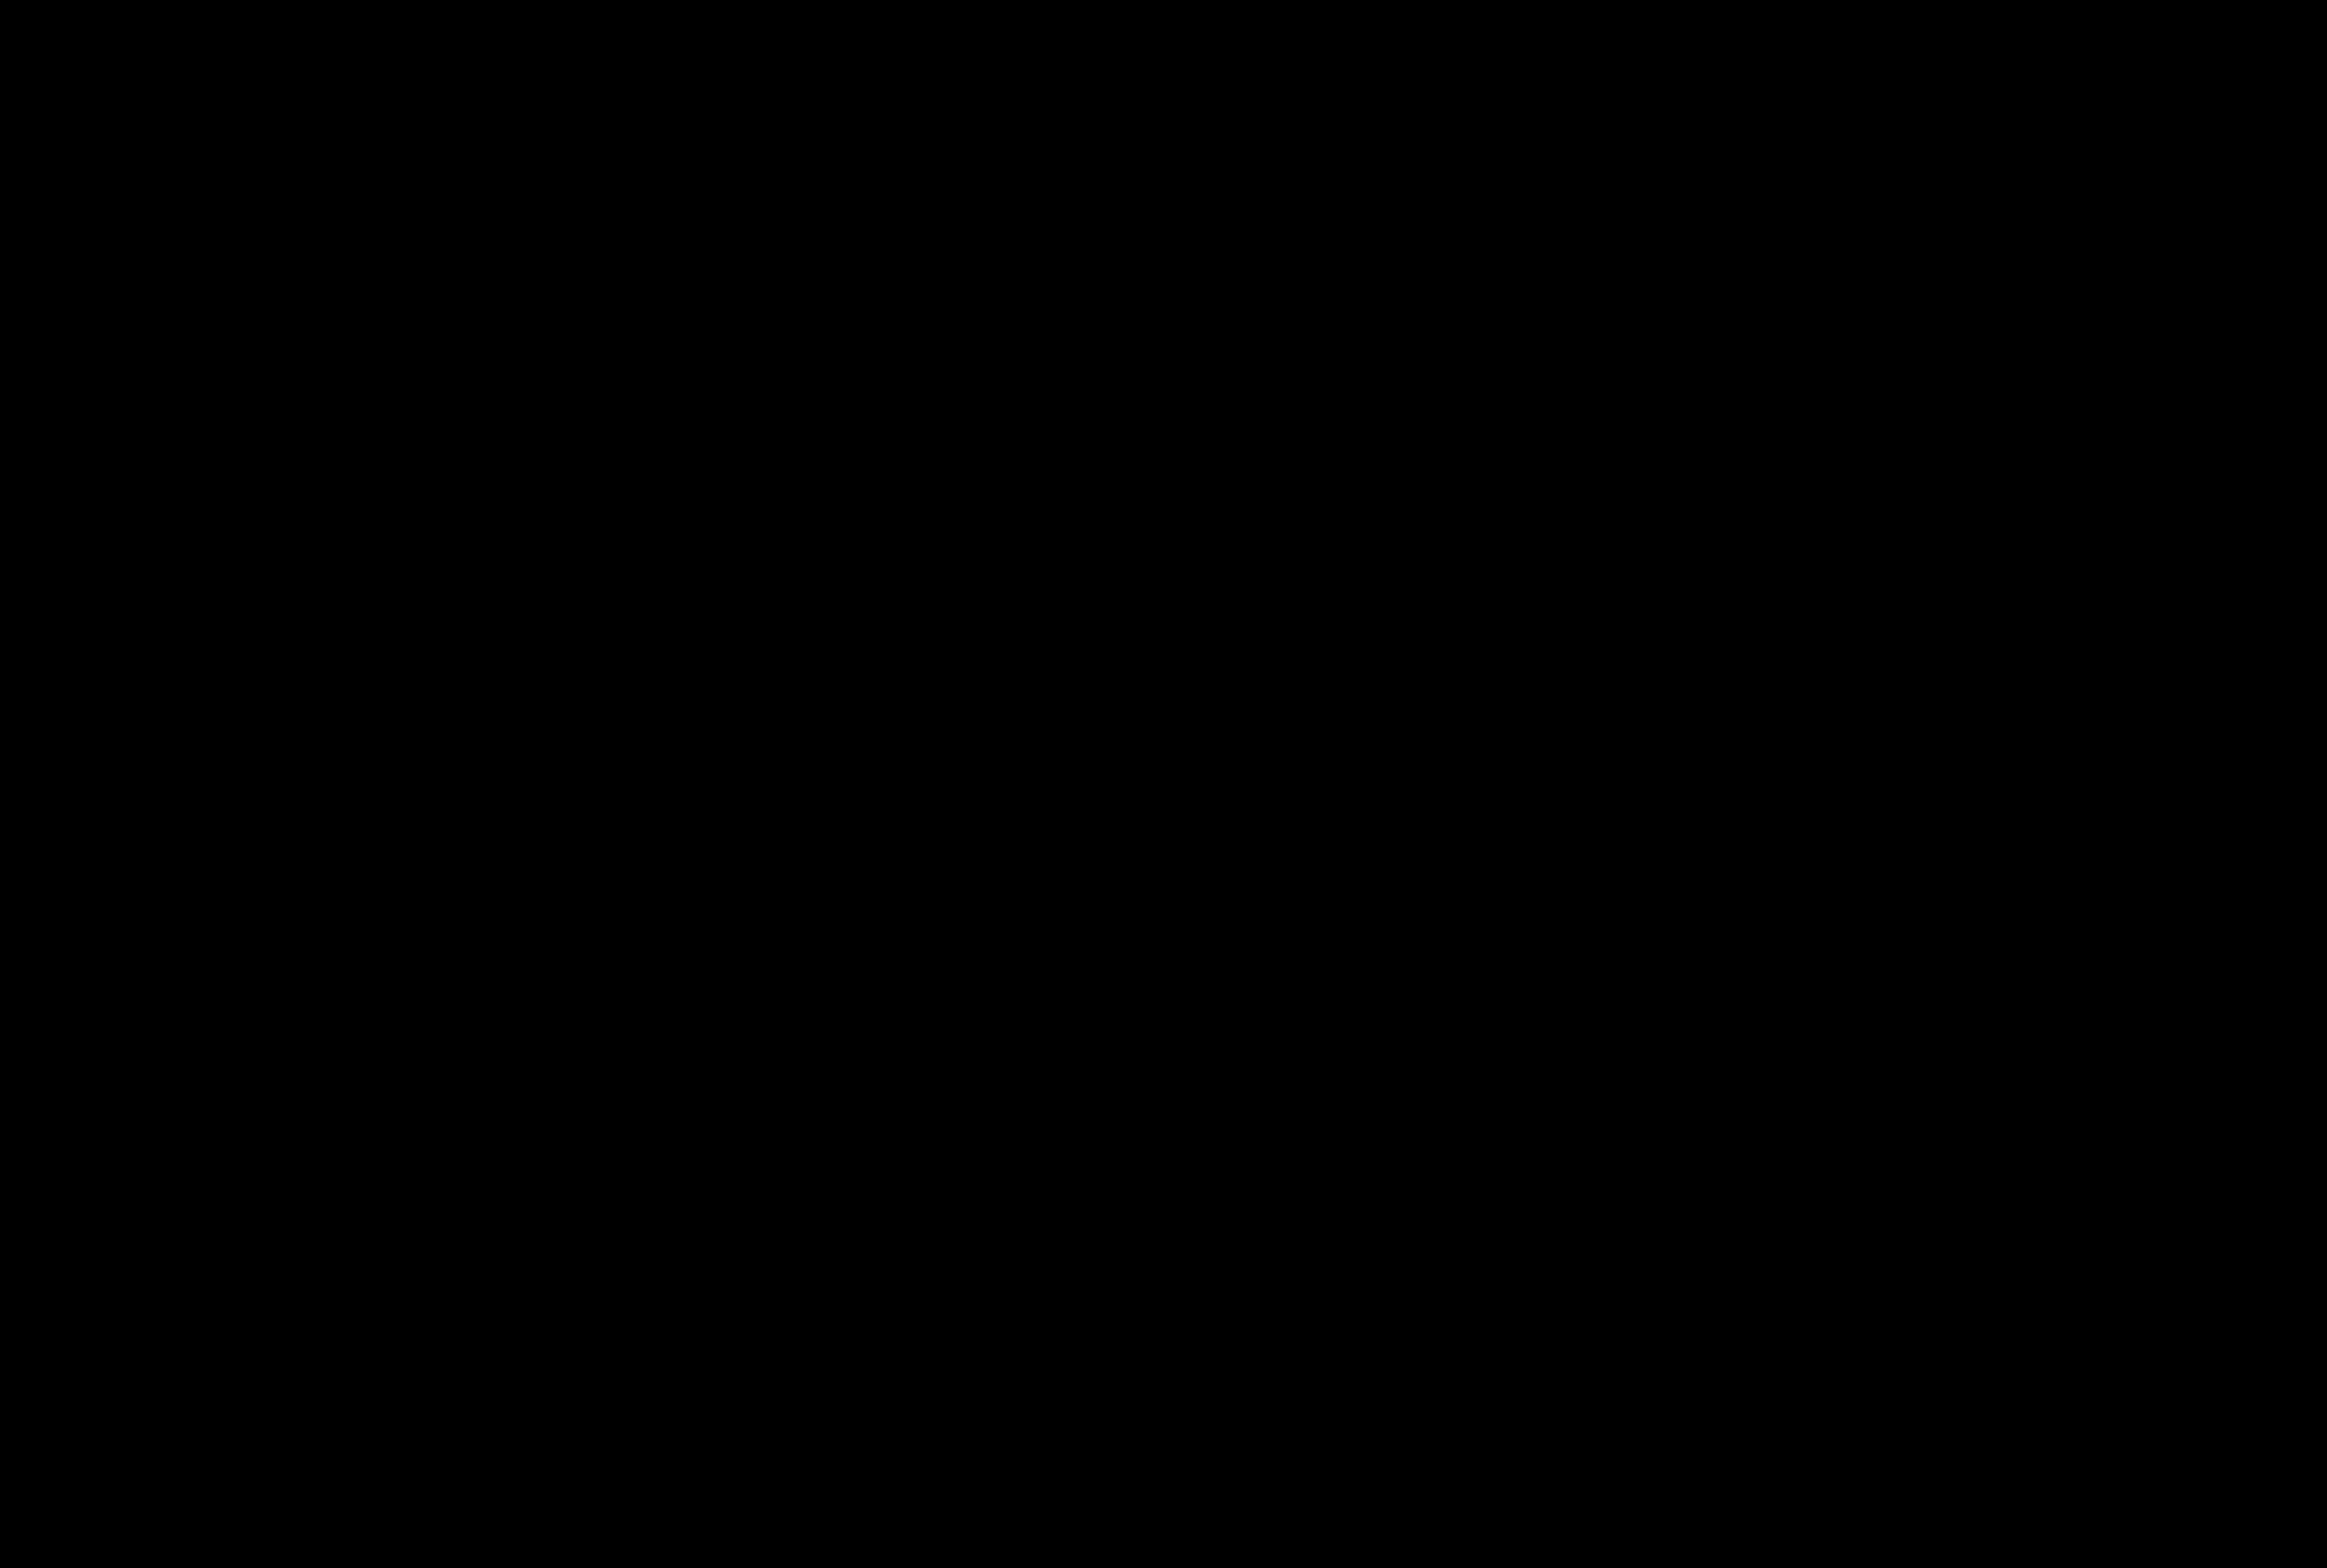 Mapa Ferroviario España 2017.Mapa Geotren